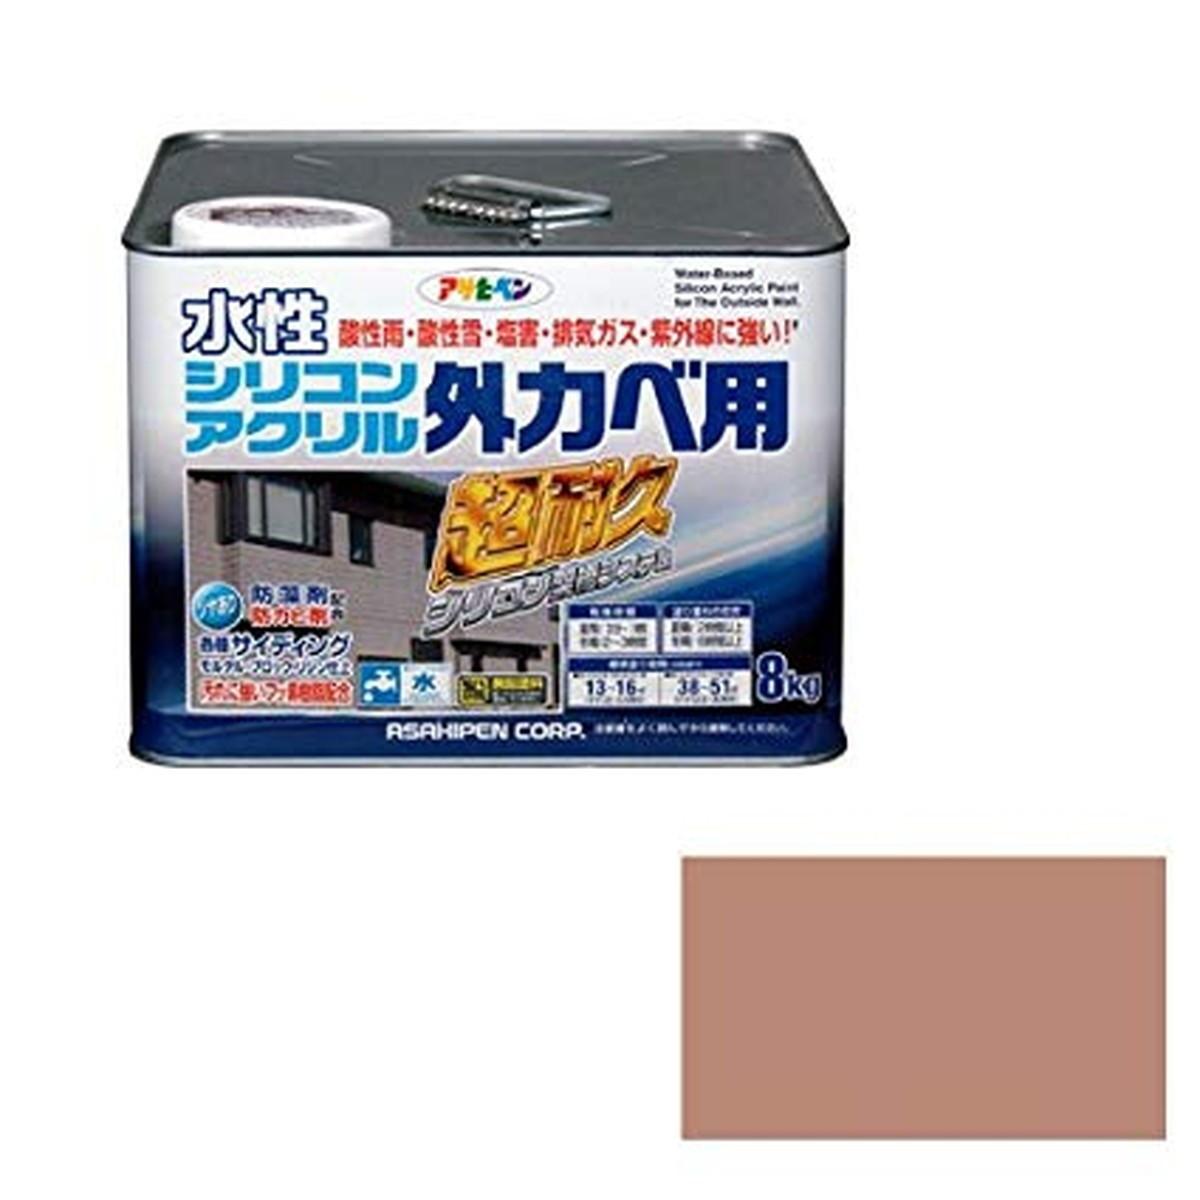 アサヒペン 水性シリコンアクリル外かべ用 ソフトオーカー 8kg【クーポン配布中】